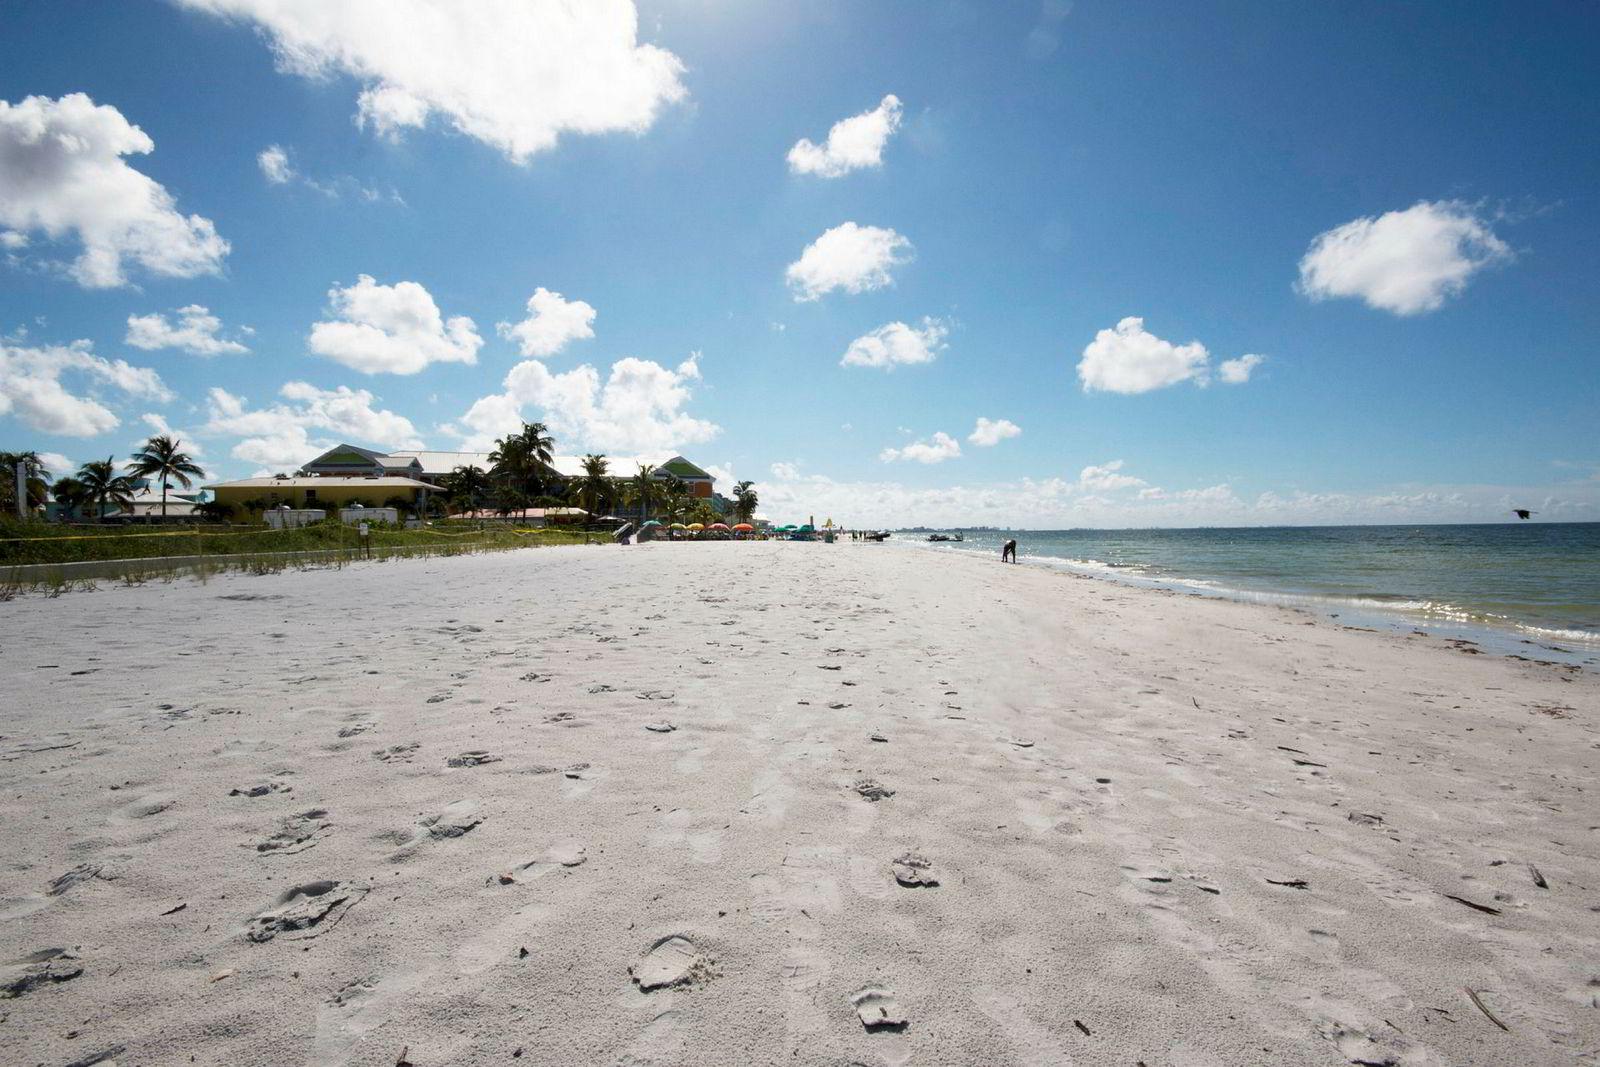 Strendene i Fort Myers i Florida er nesten tomme etter algeinvasjon.